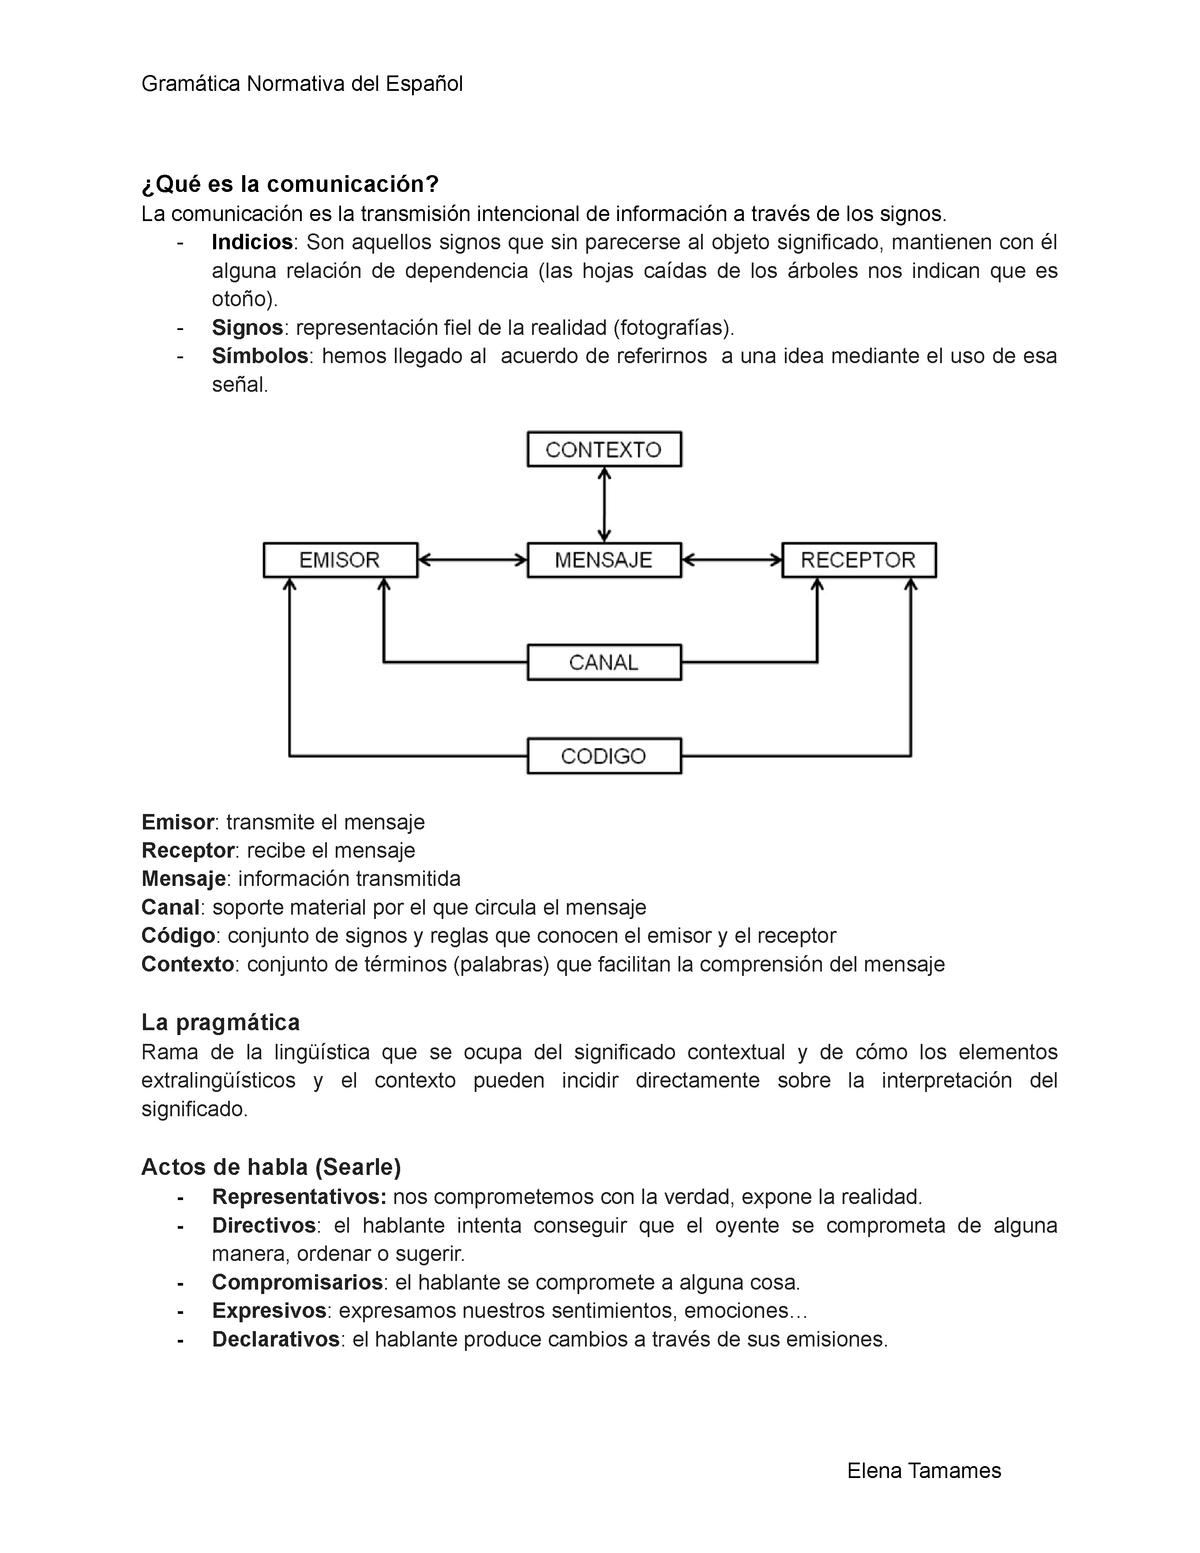 Gramática Normativa del Español - 361021 - UB - StuDocu